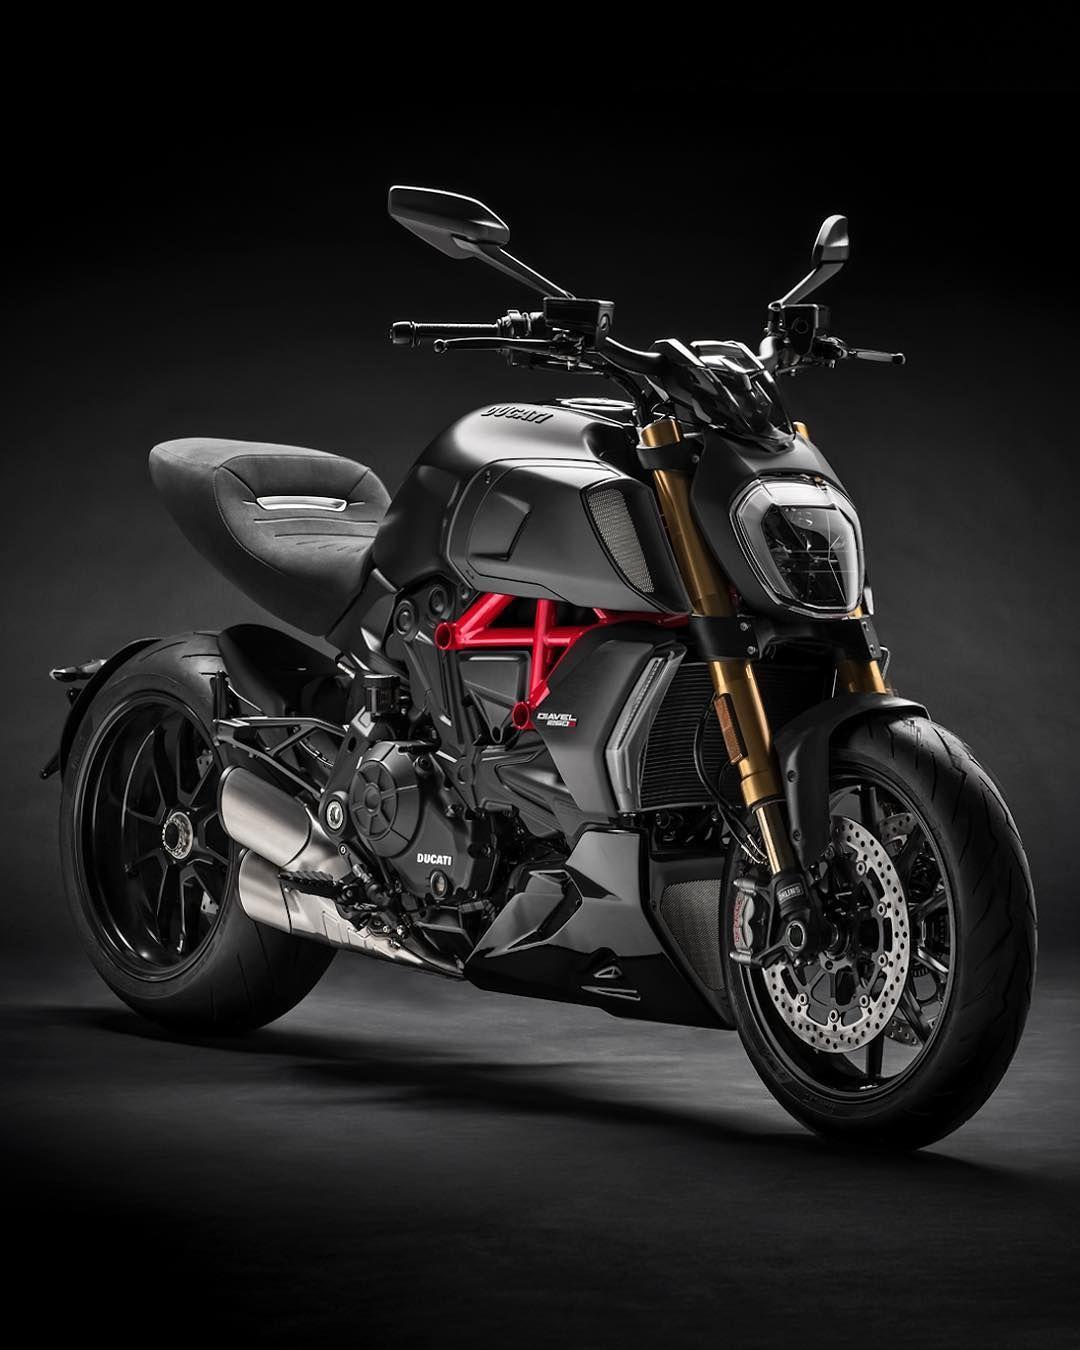 Ducati Diavel 1260S : présentation, fiche technique, prix